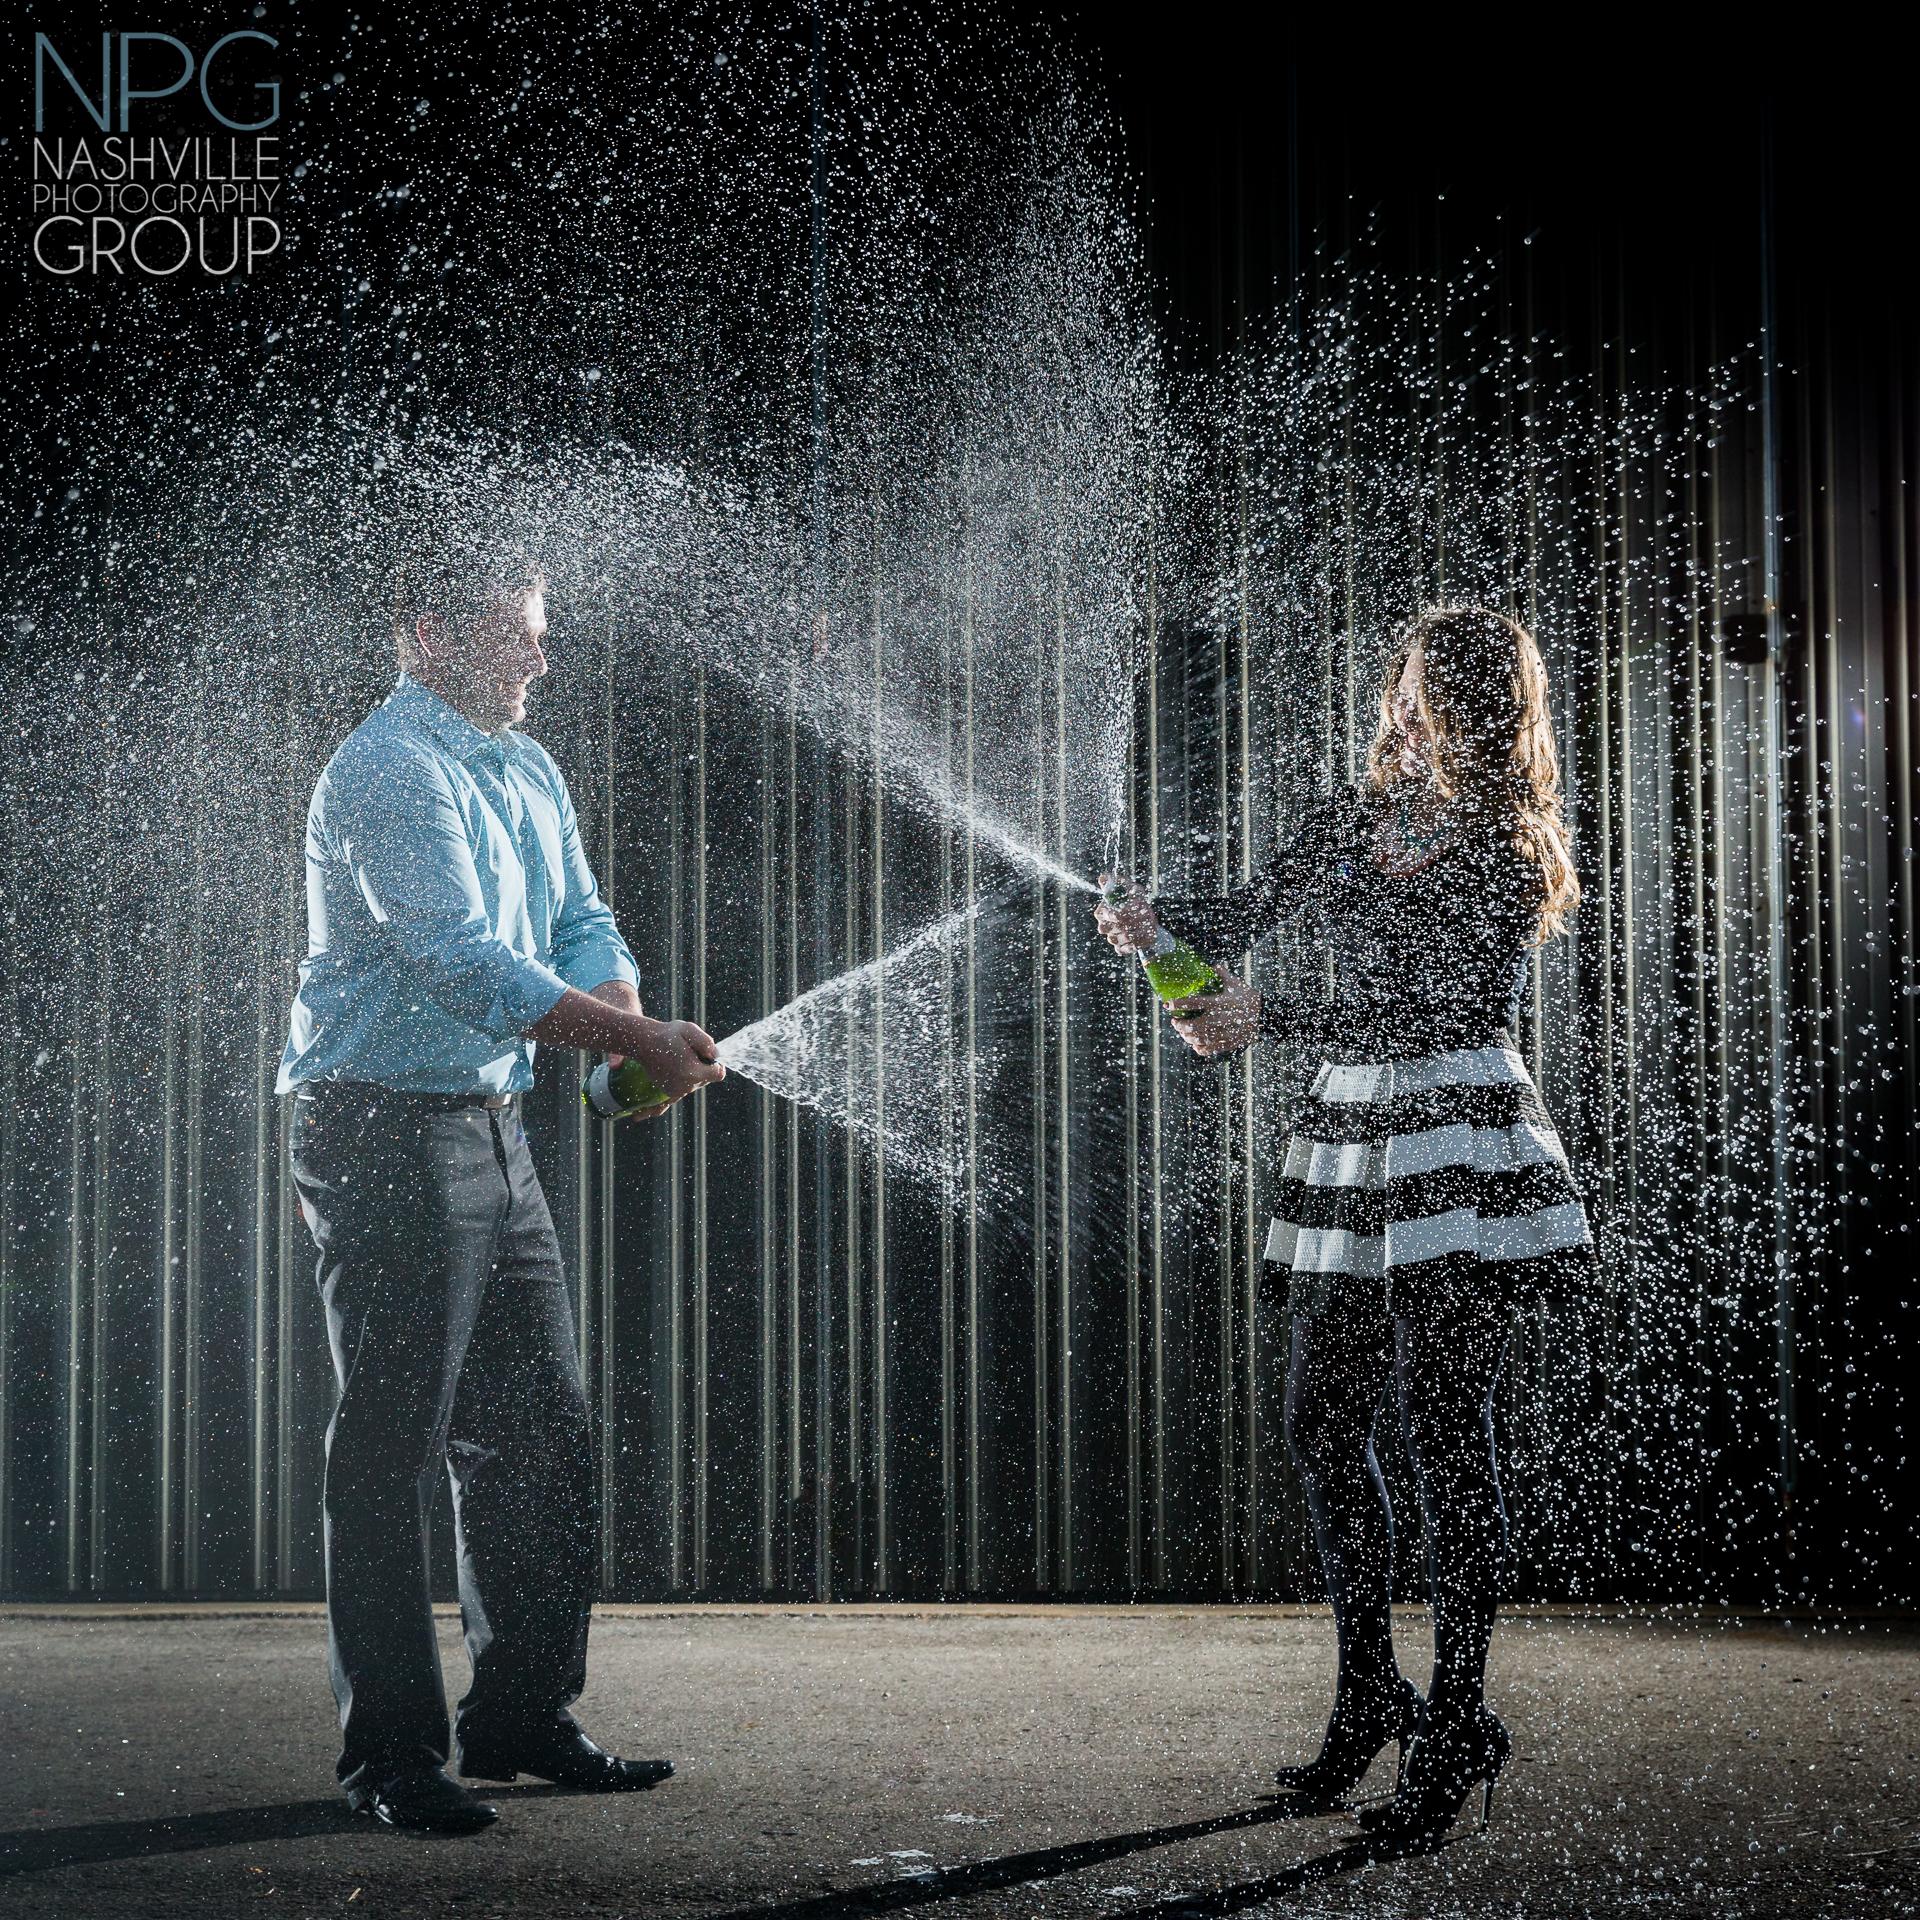 Nashville Photography Group wedding engagement photographers